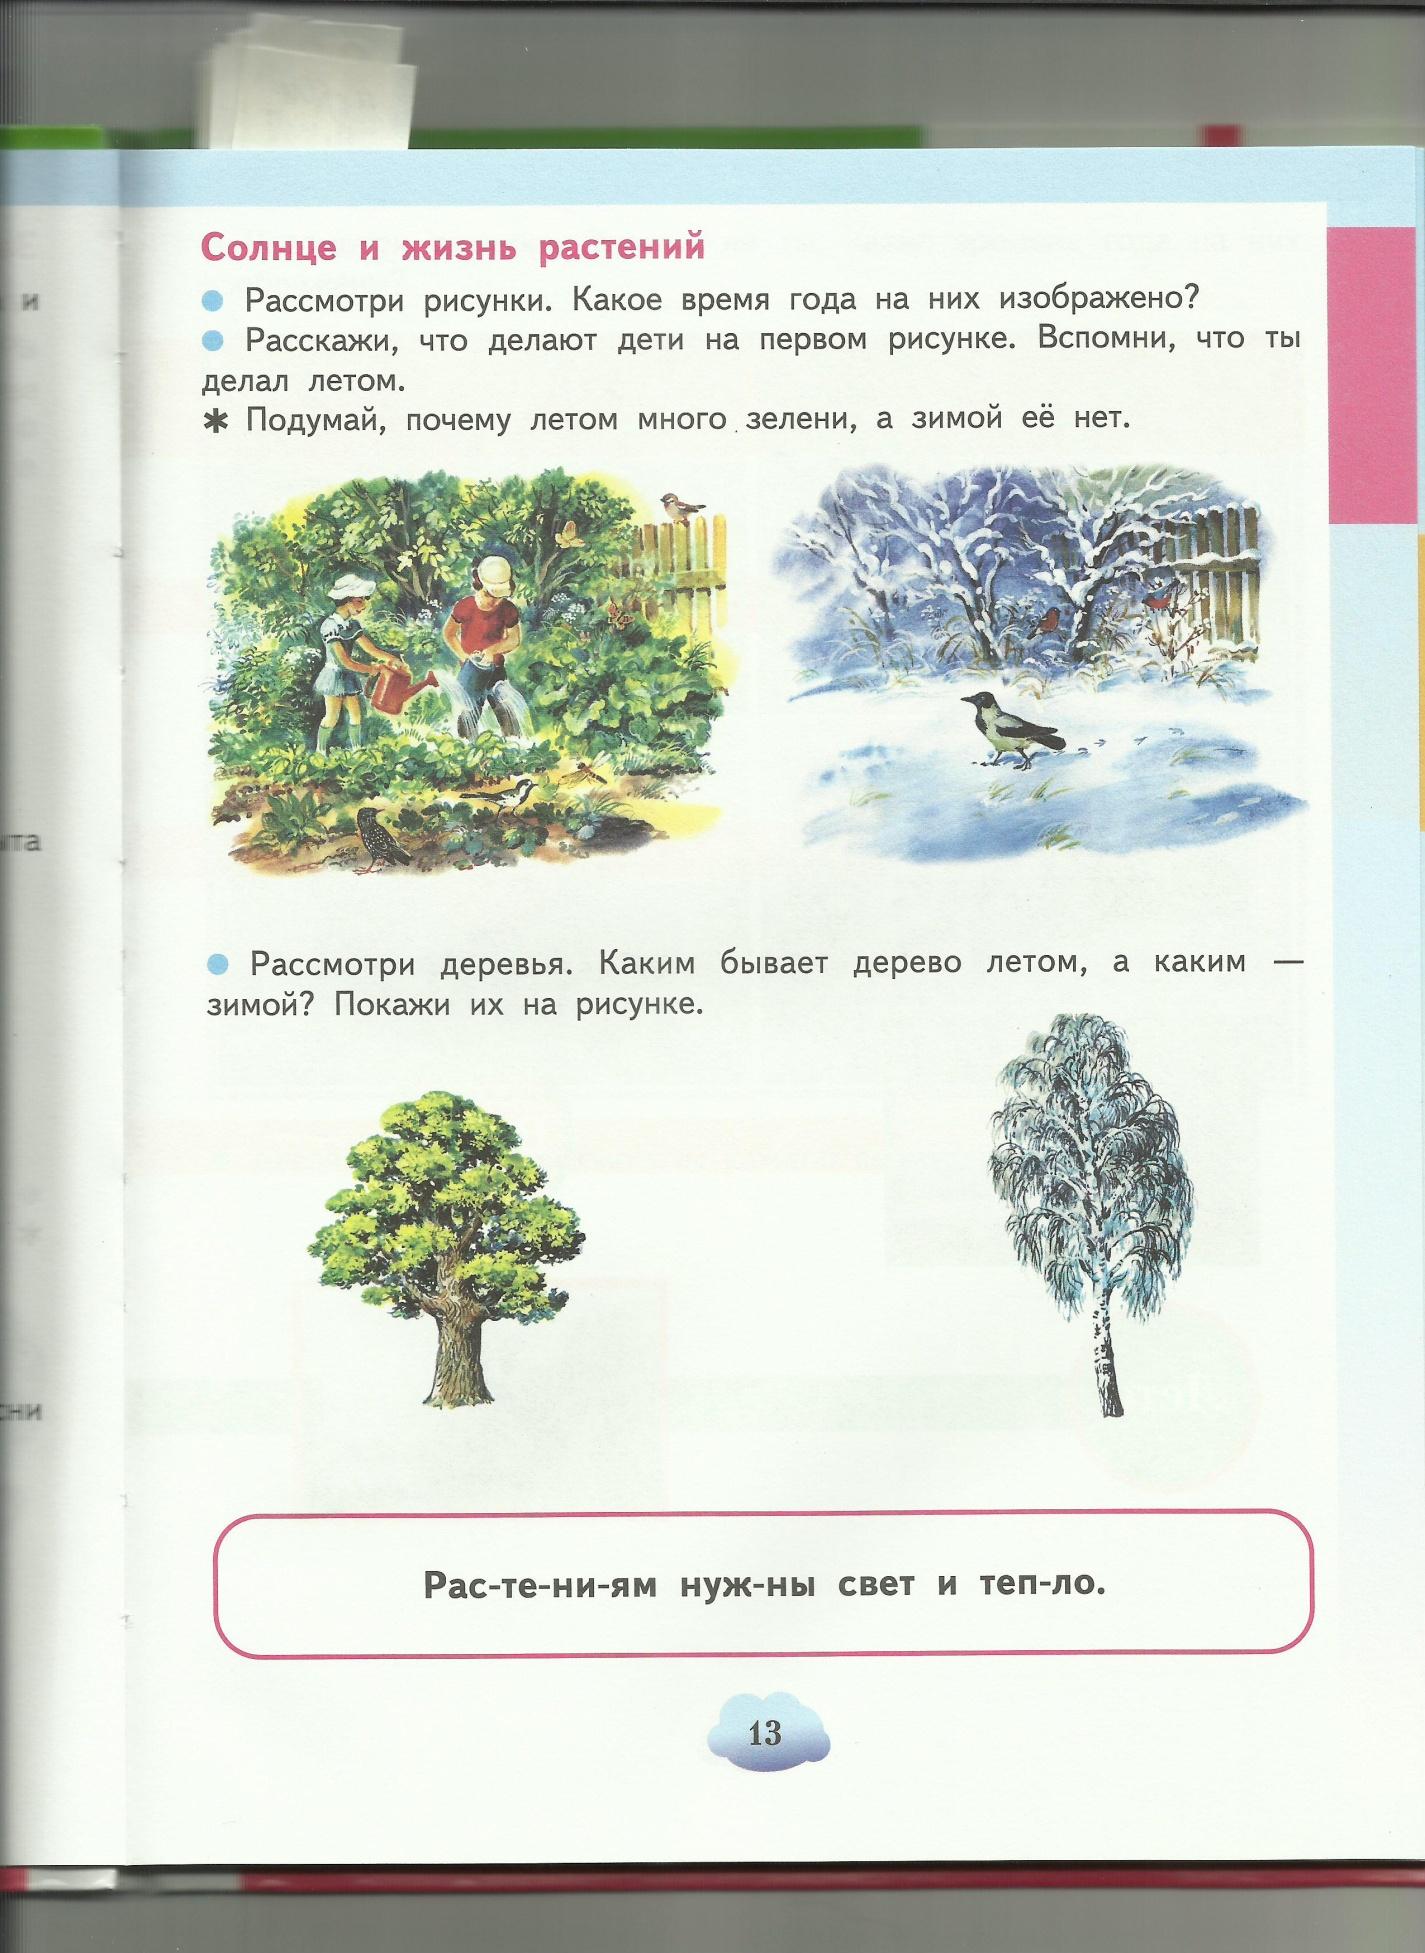 C:\Users\пр\Desktop\папка растения7\солнце и жизнь растений.jpg